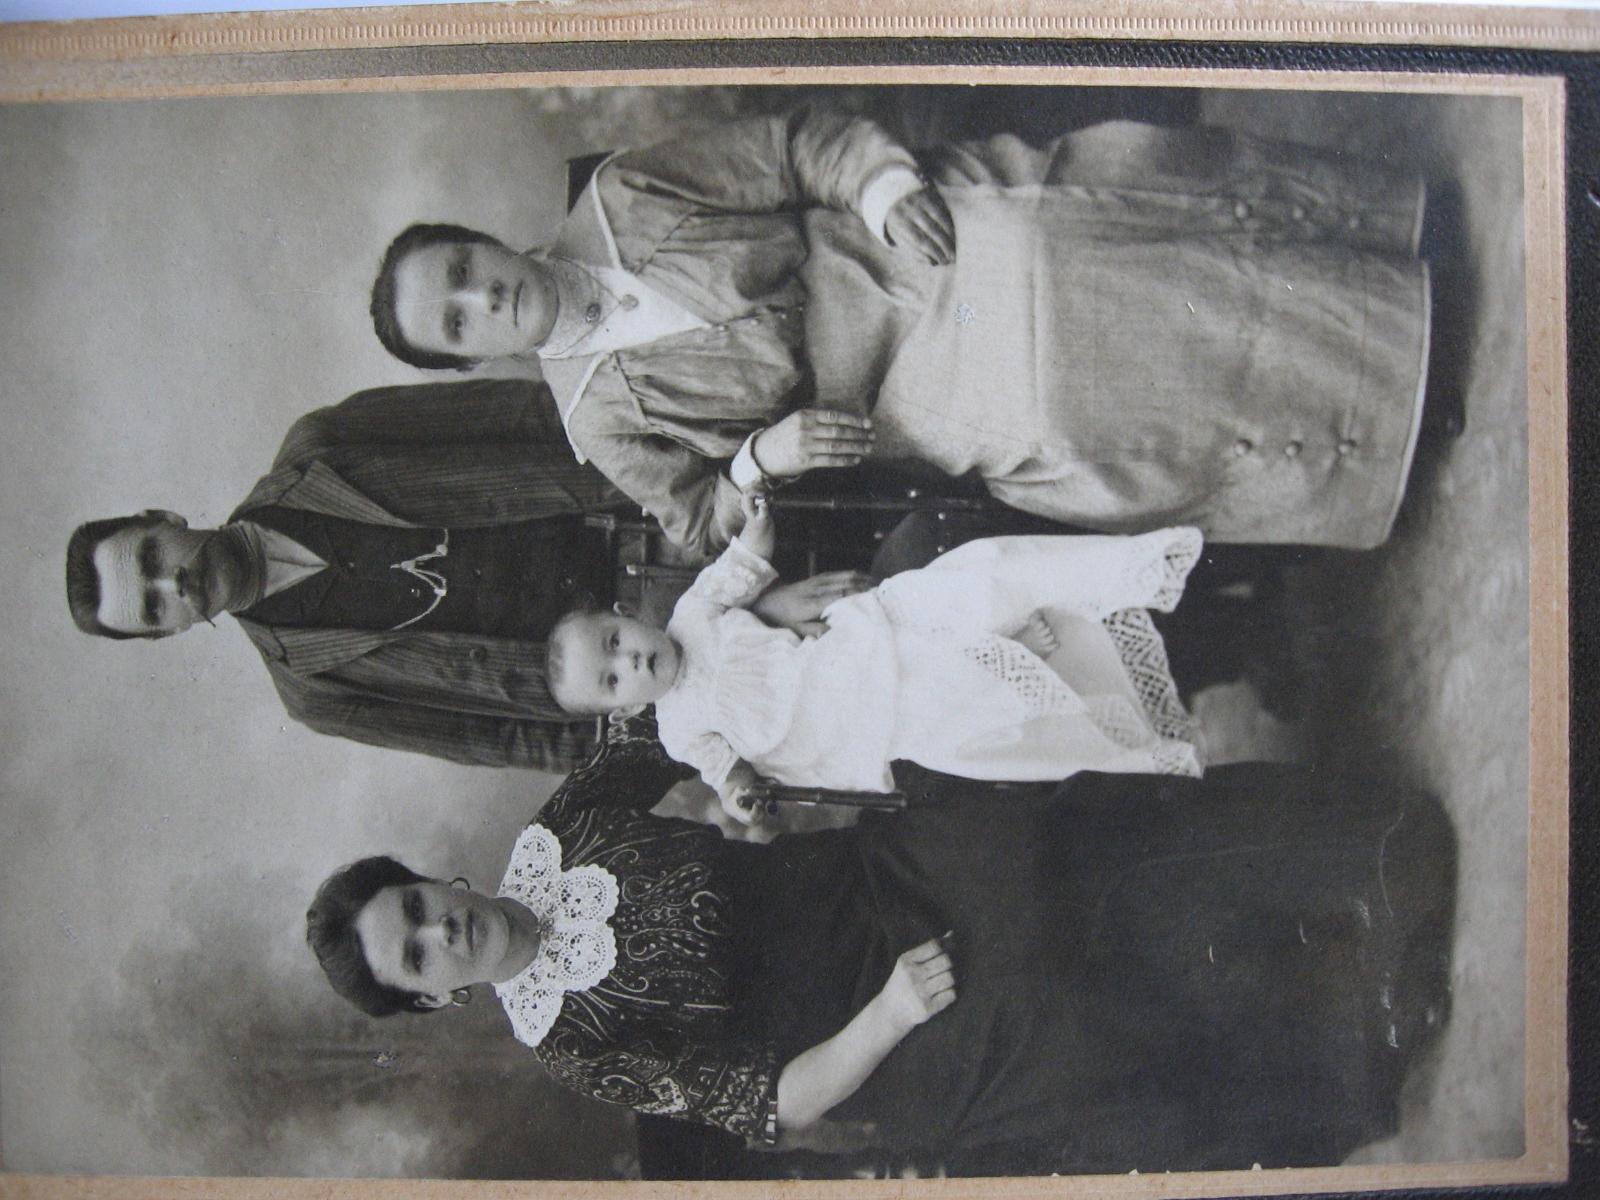 Сестра спадругой и брат 16 фотография